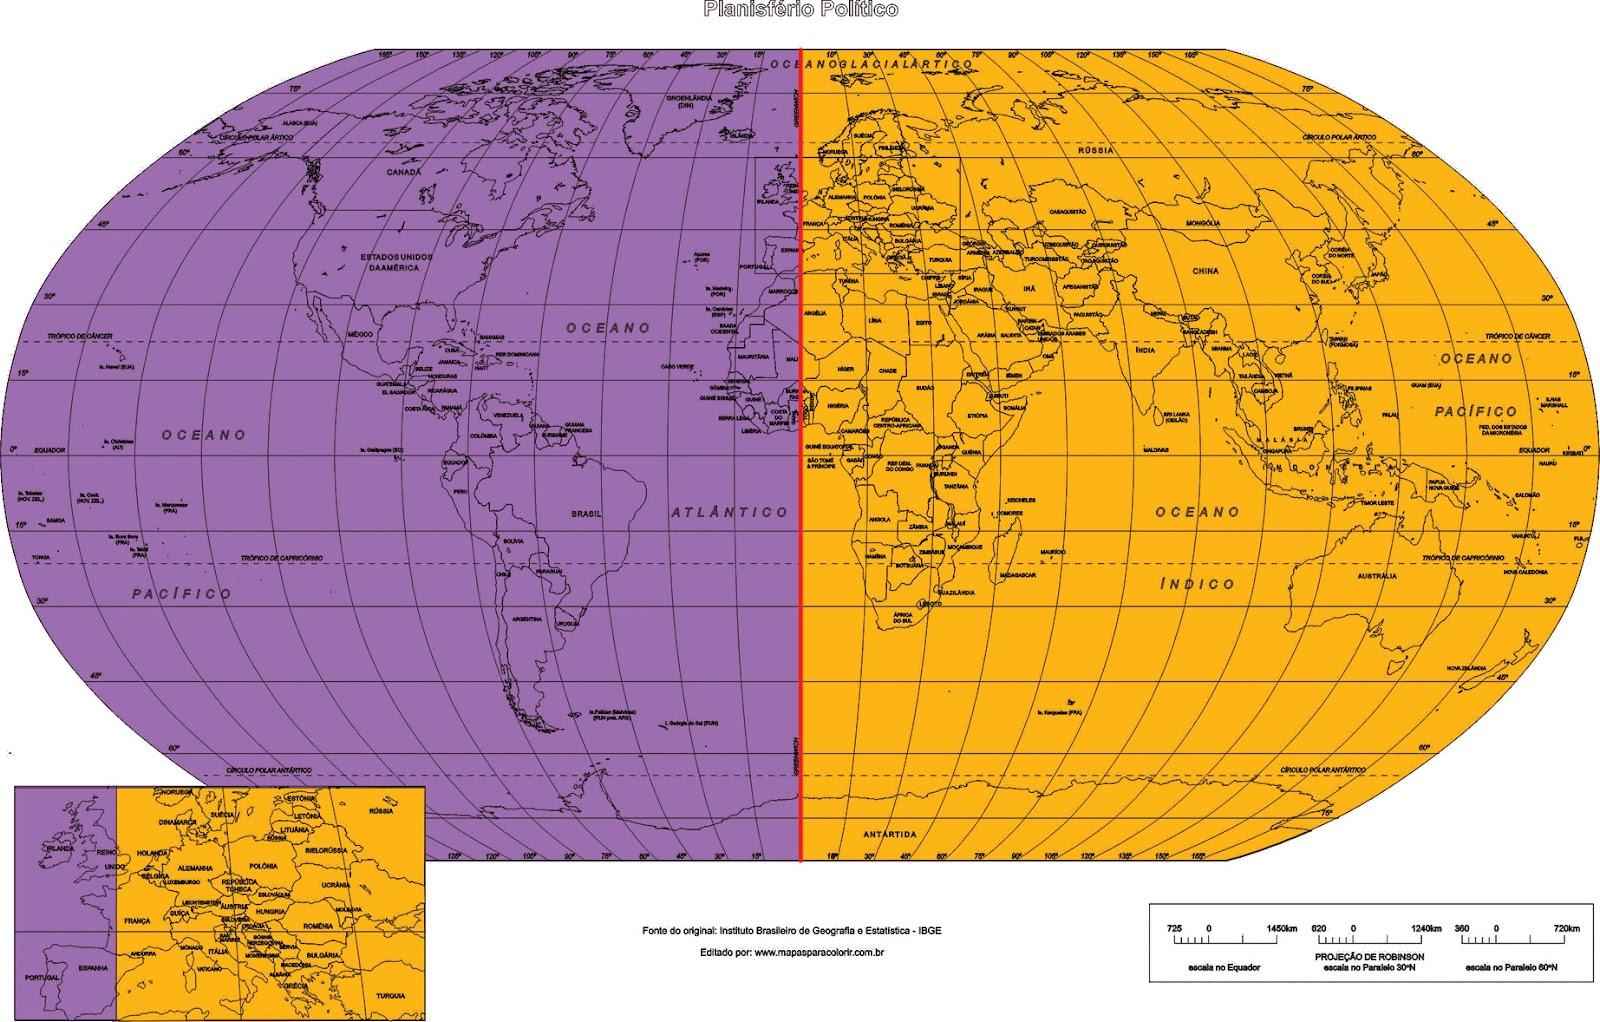 dança-oriental mapa oriente ocidente